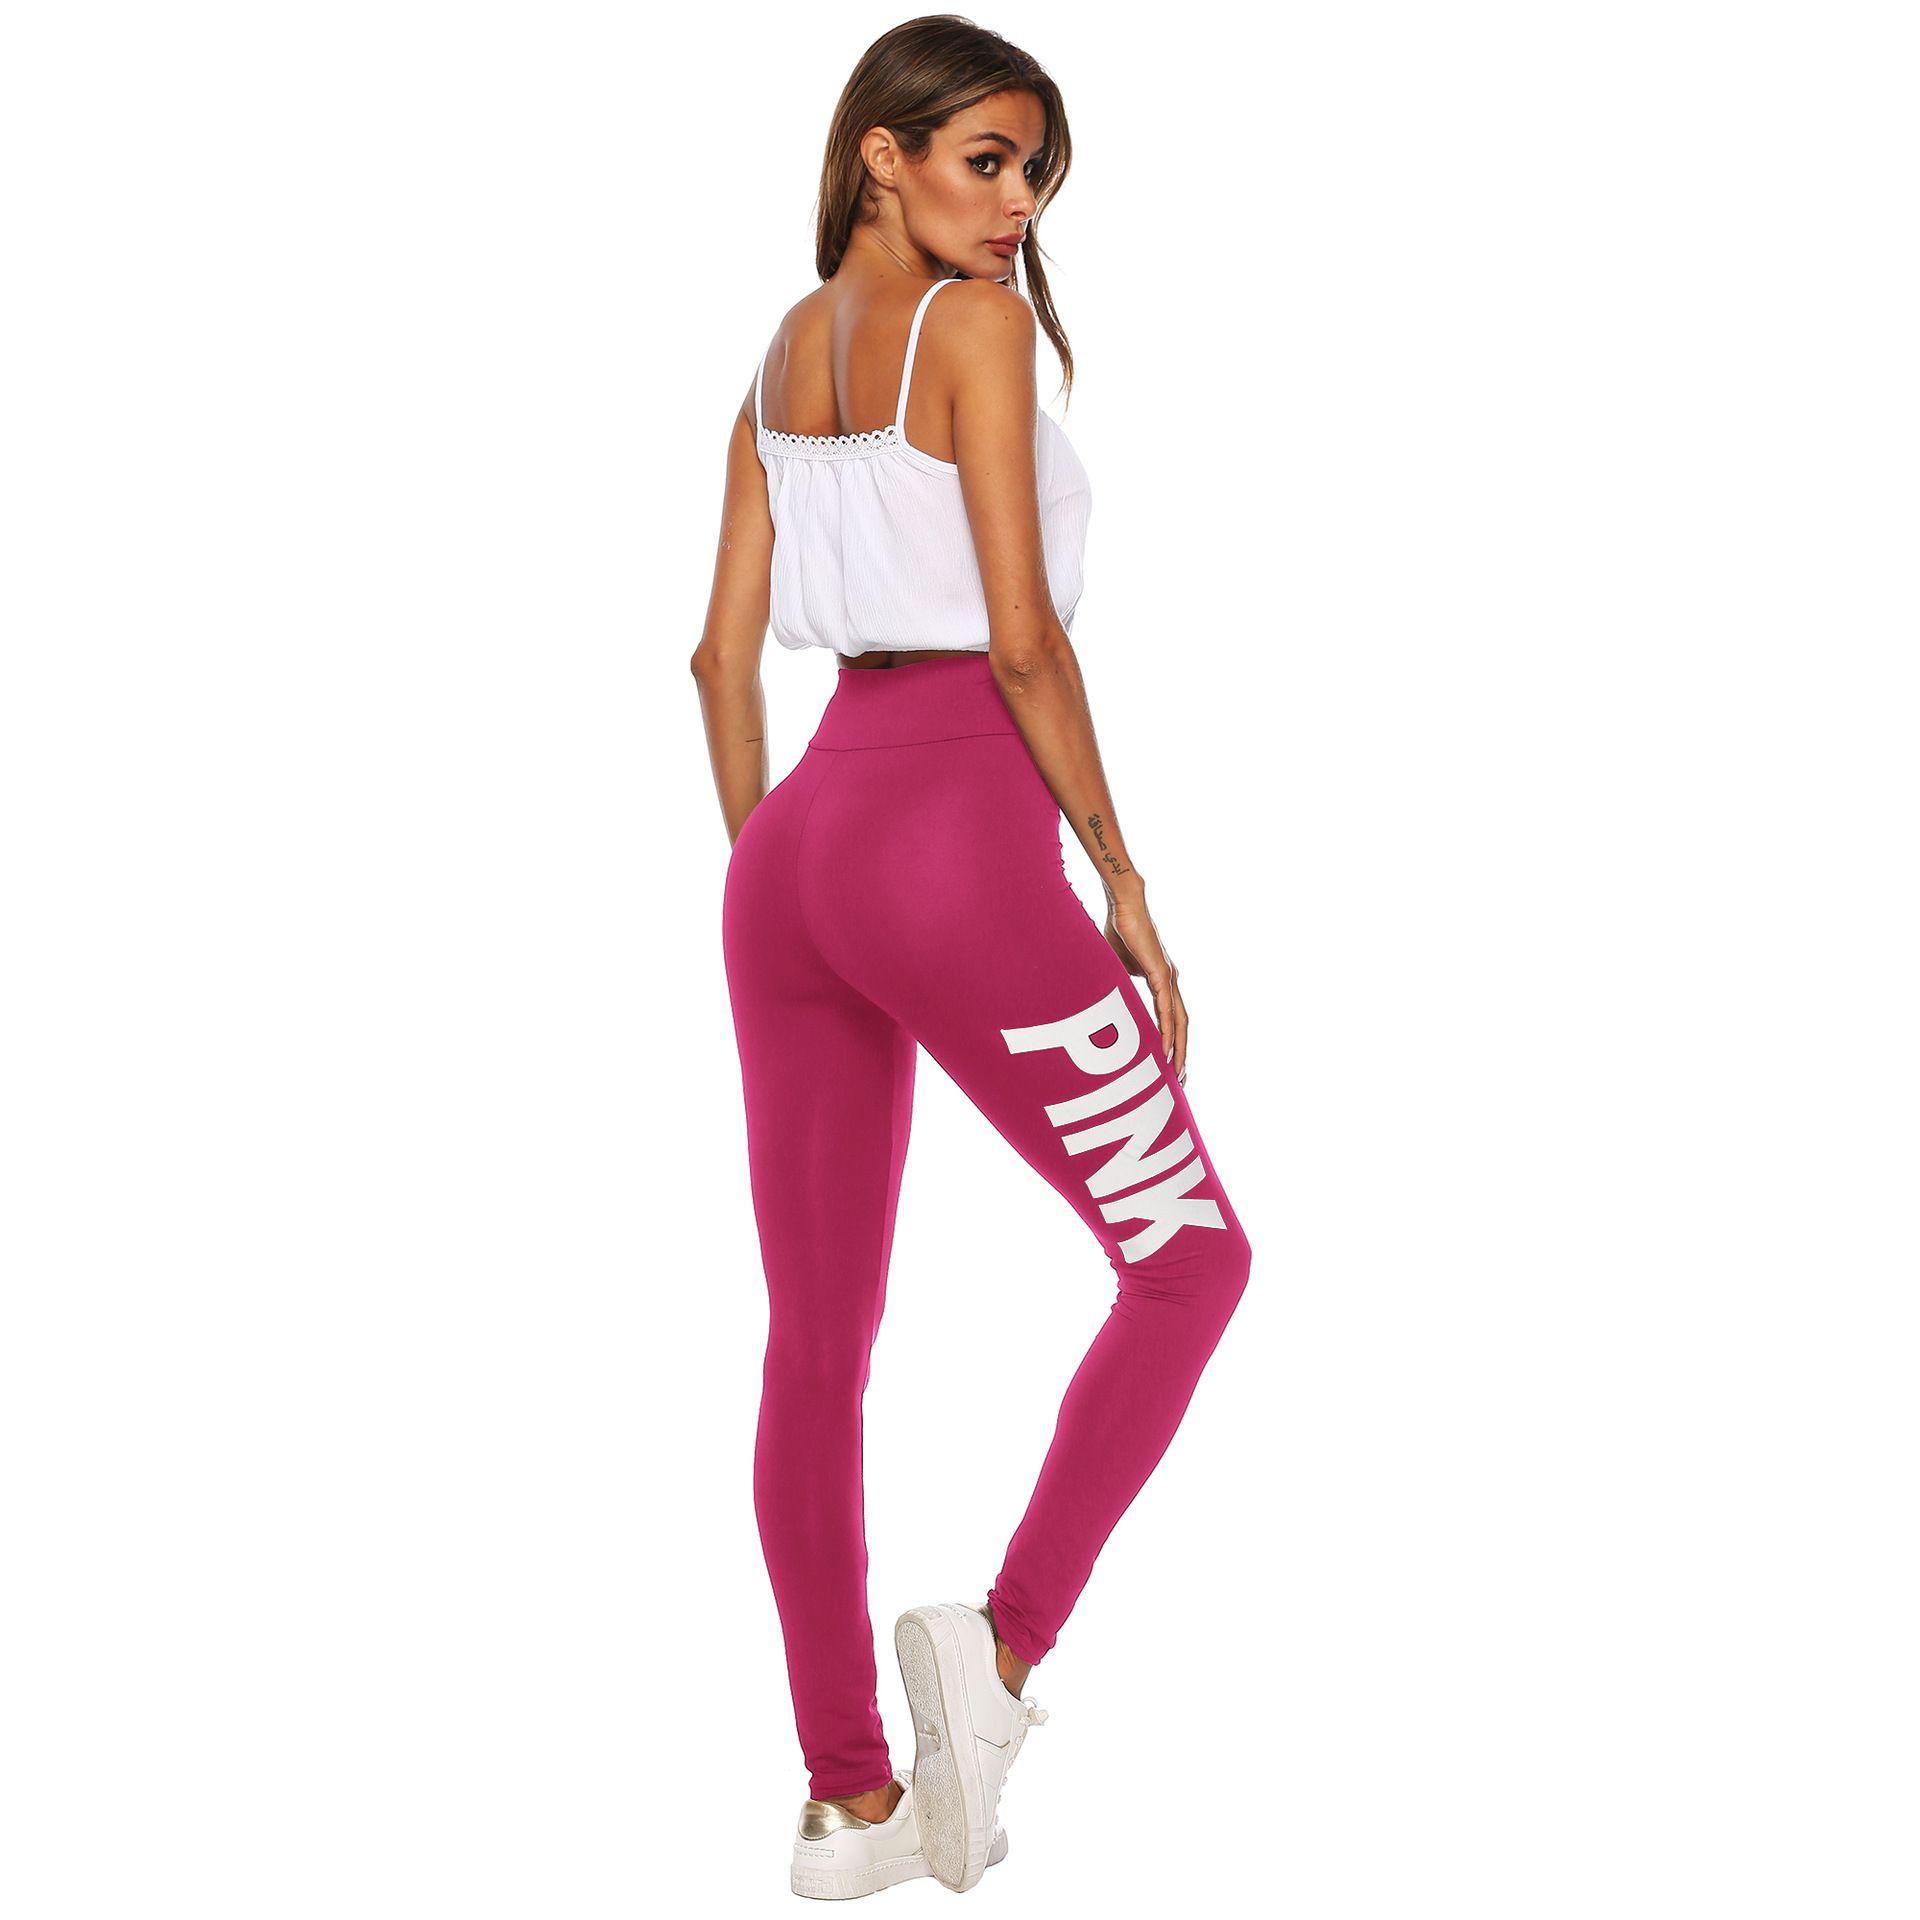 Kadınlar Pembe yoga pantolonları Yüksek Bel Spor Salonu Giyim Tozluklar Elastik Spor Lady Genel Tam Tayt Egzersiz Tasarımcı Tayt